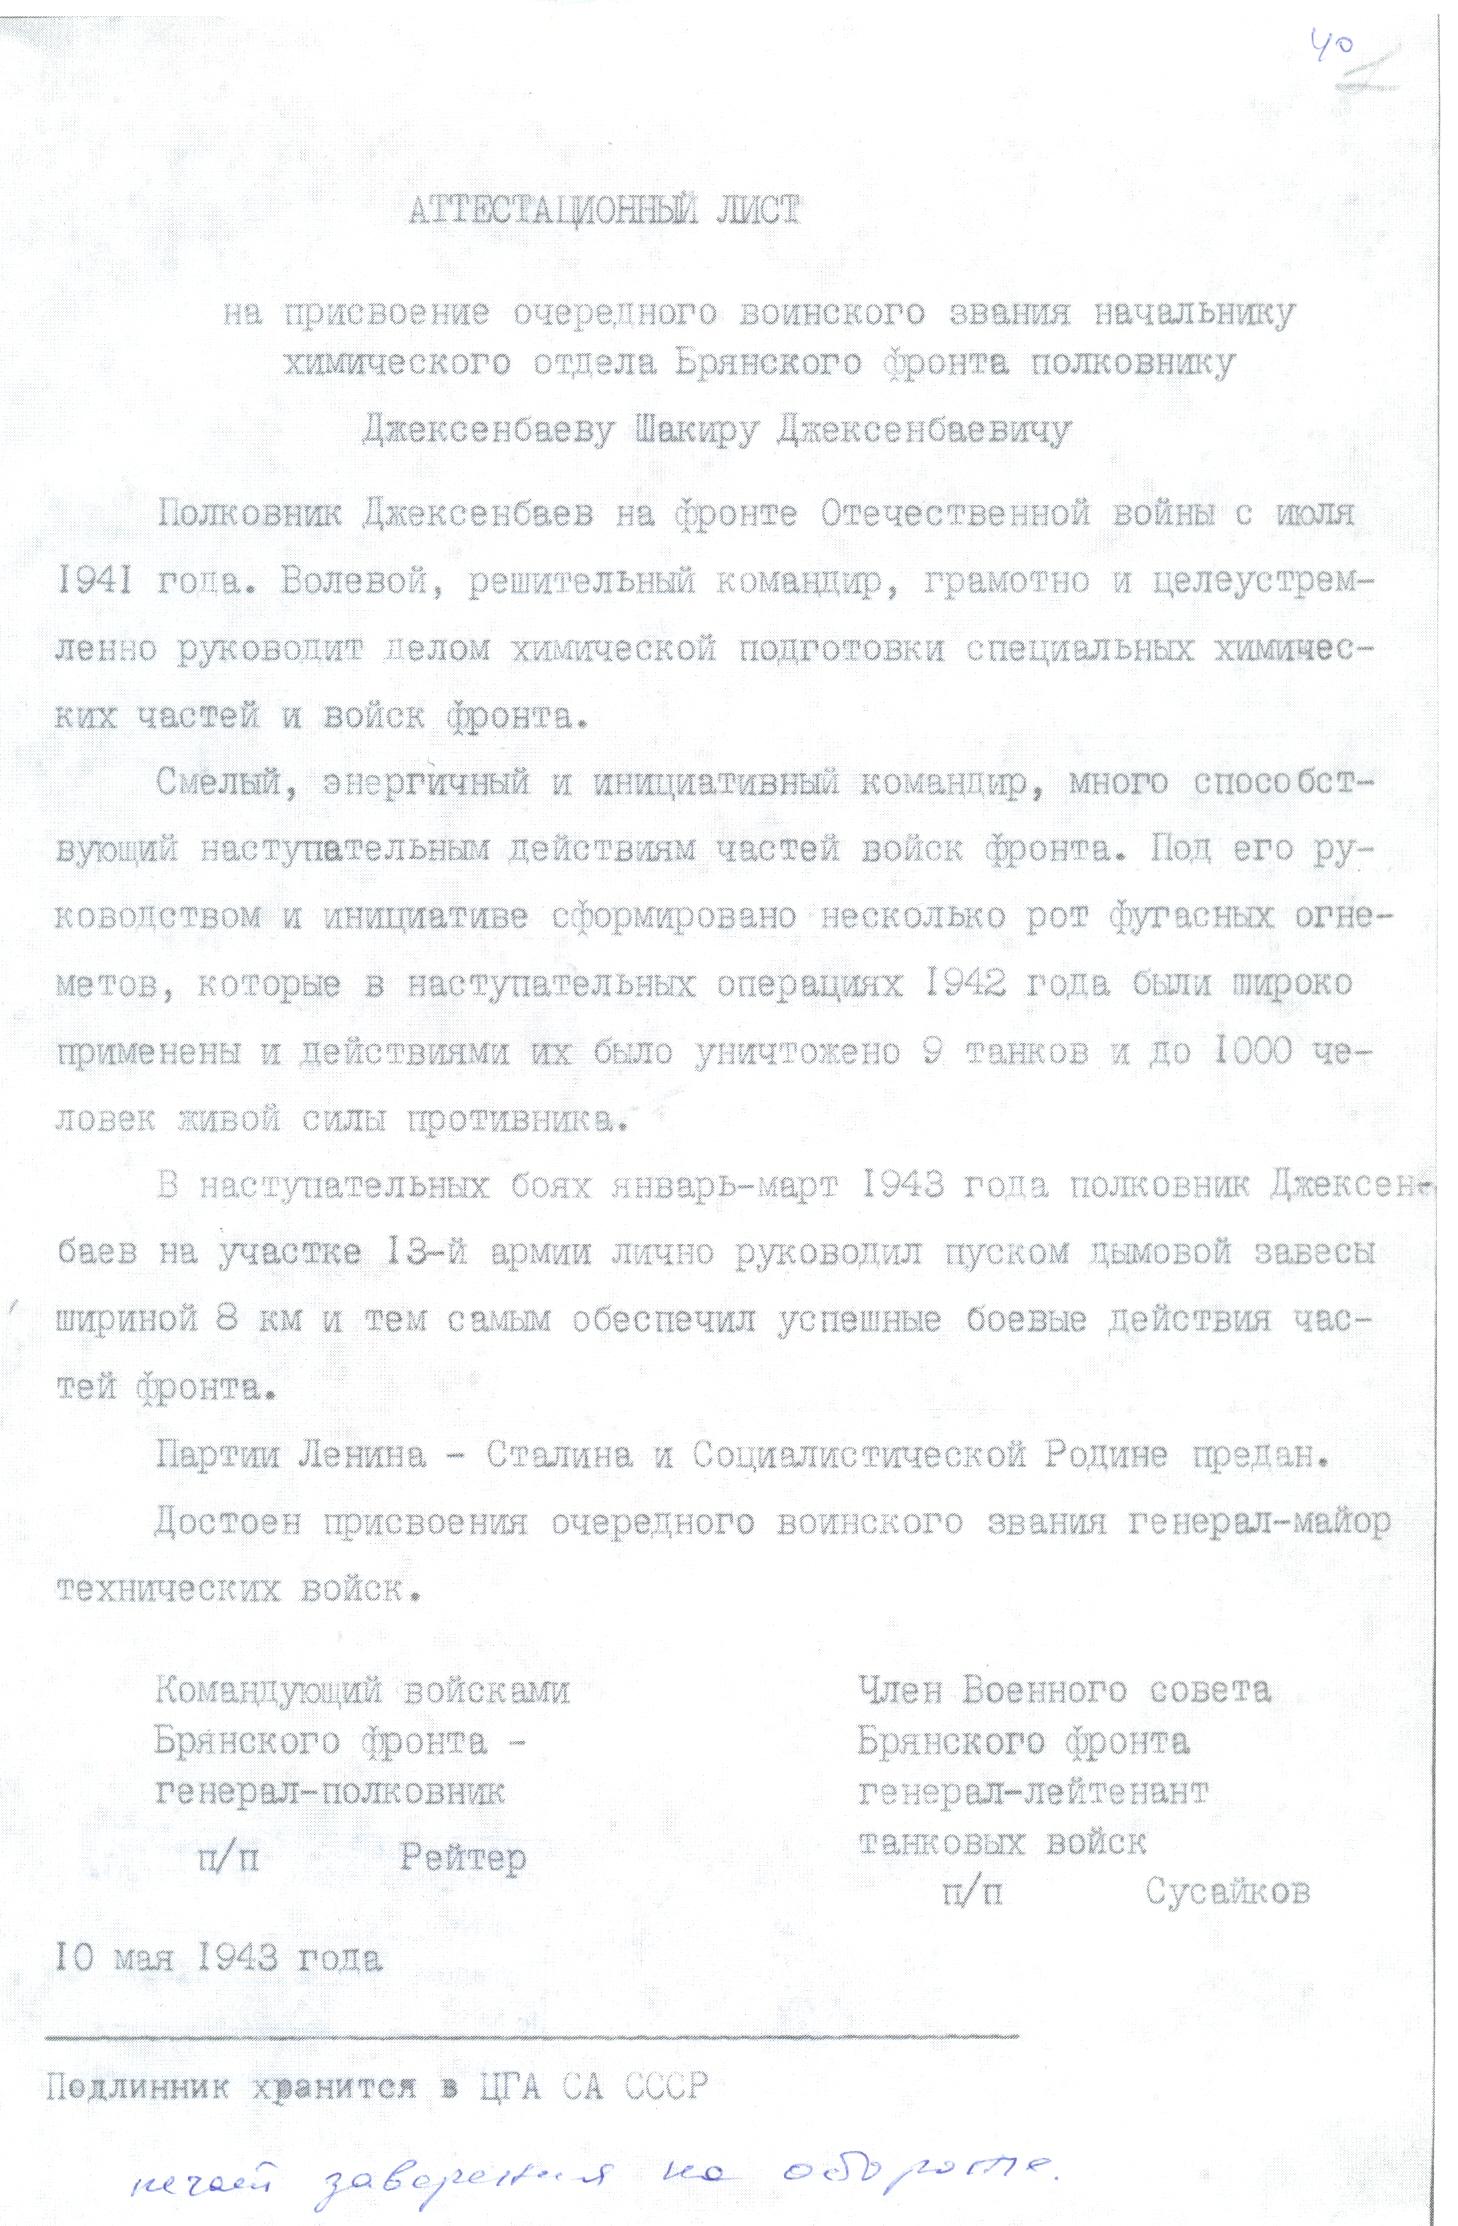 Первый советский казах, удостоенный высшеговоинского звания генерал-майор